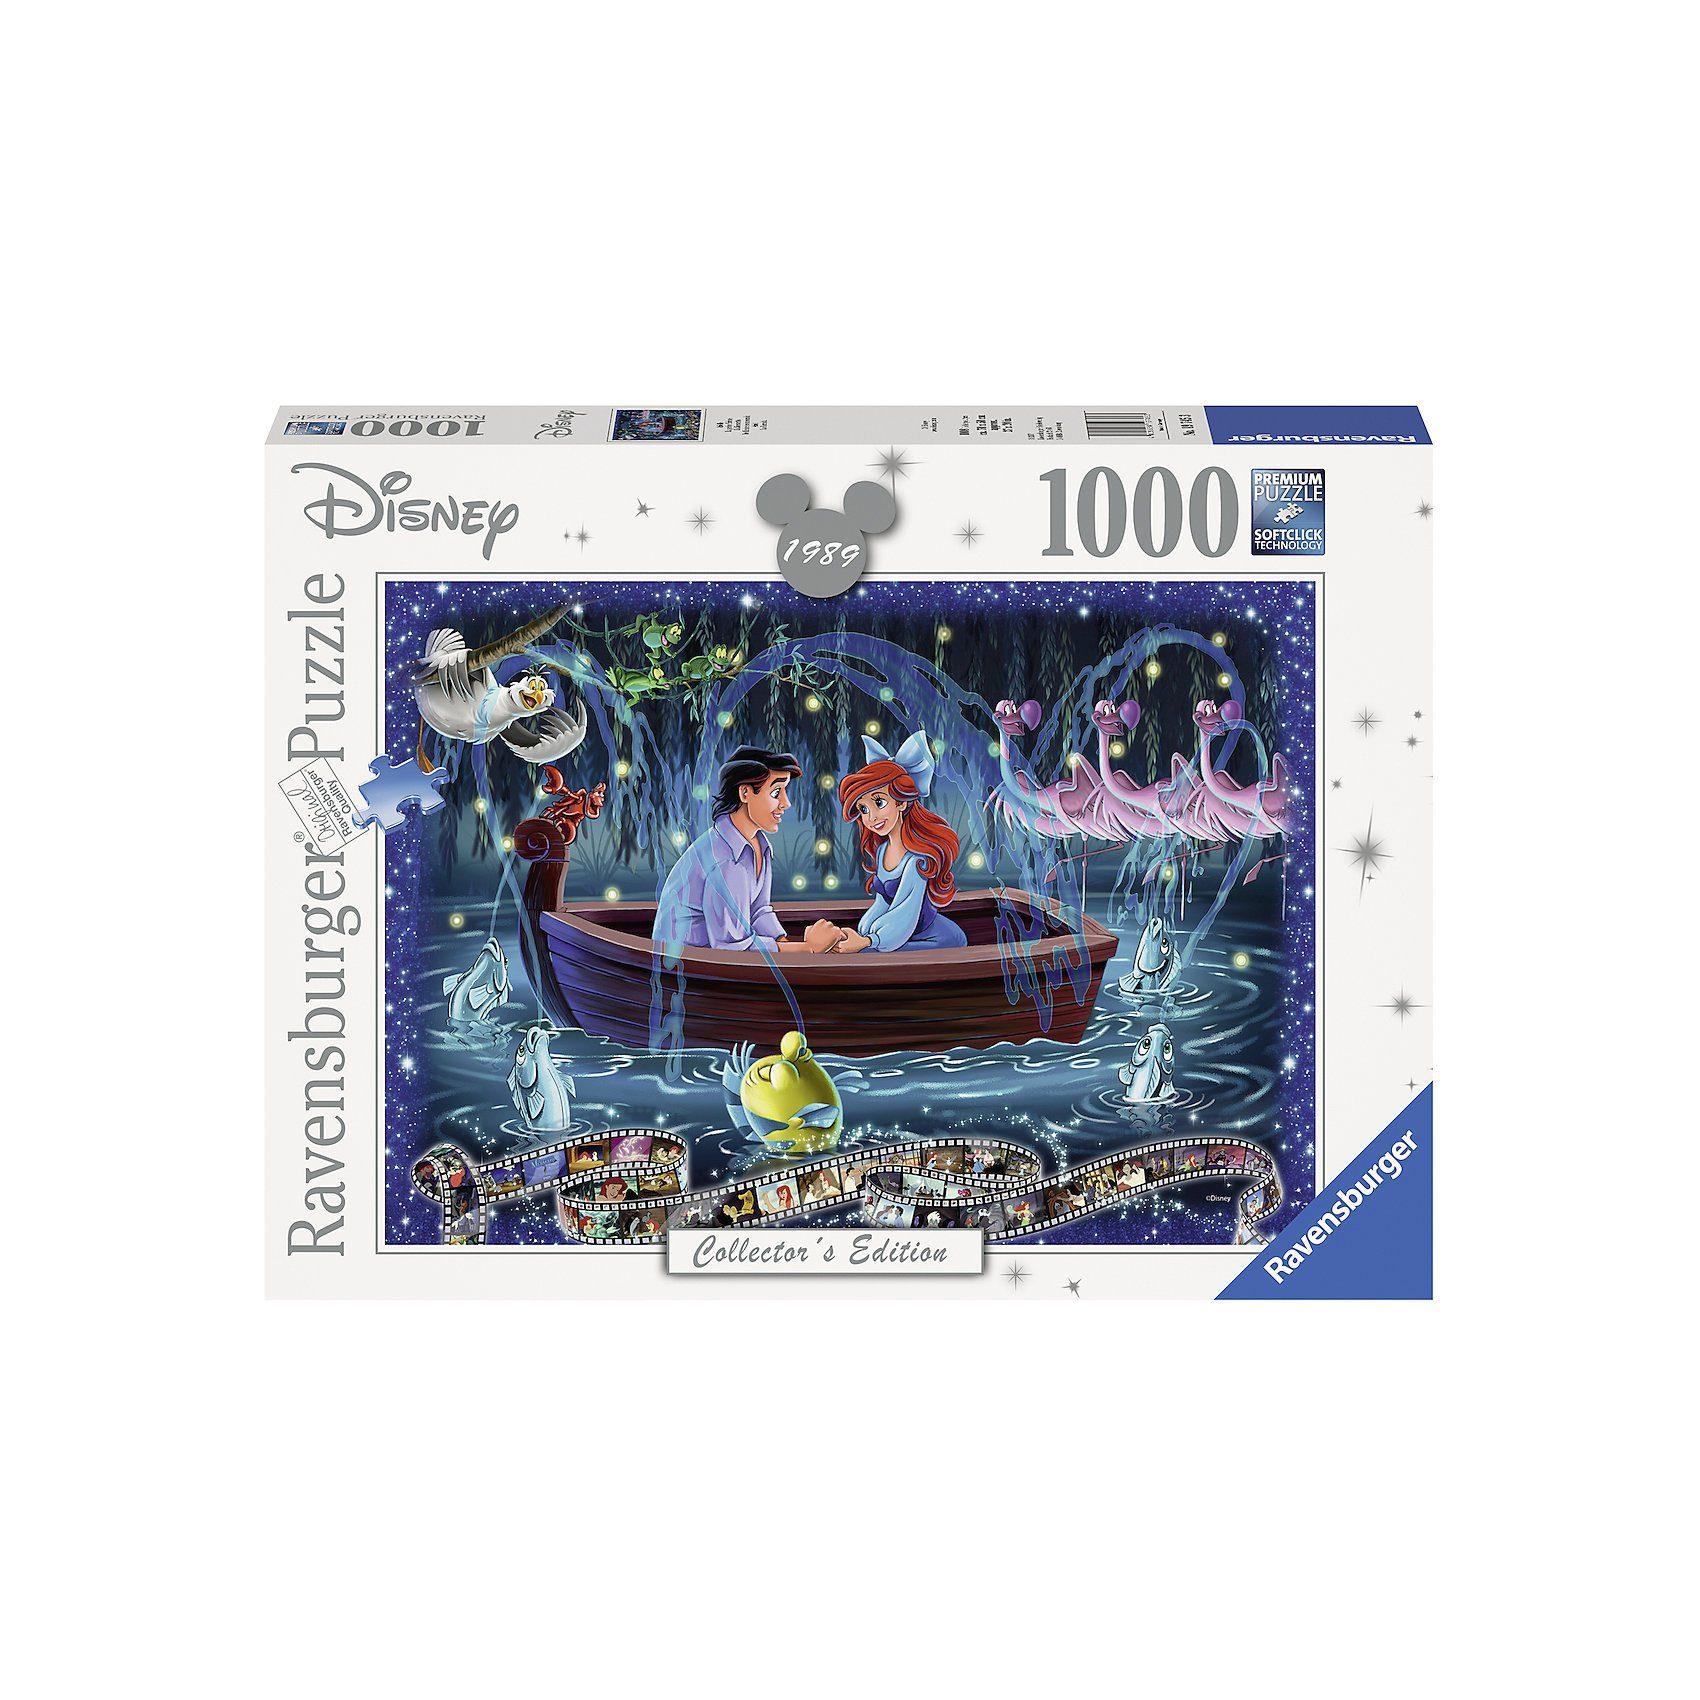 Ravensburger Puzzle 1000 Teile Disney Princess Arielle